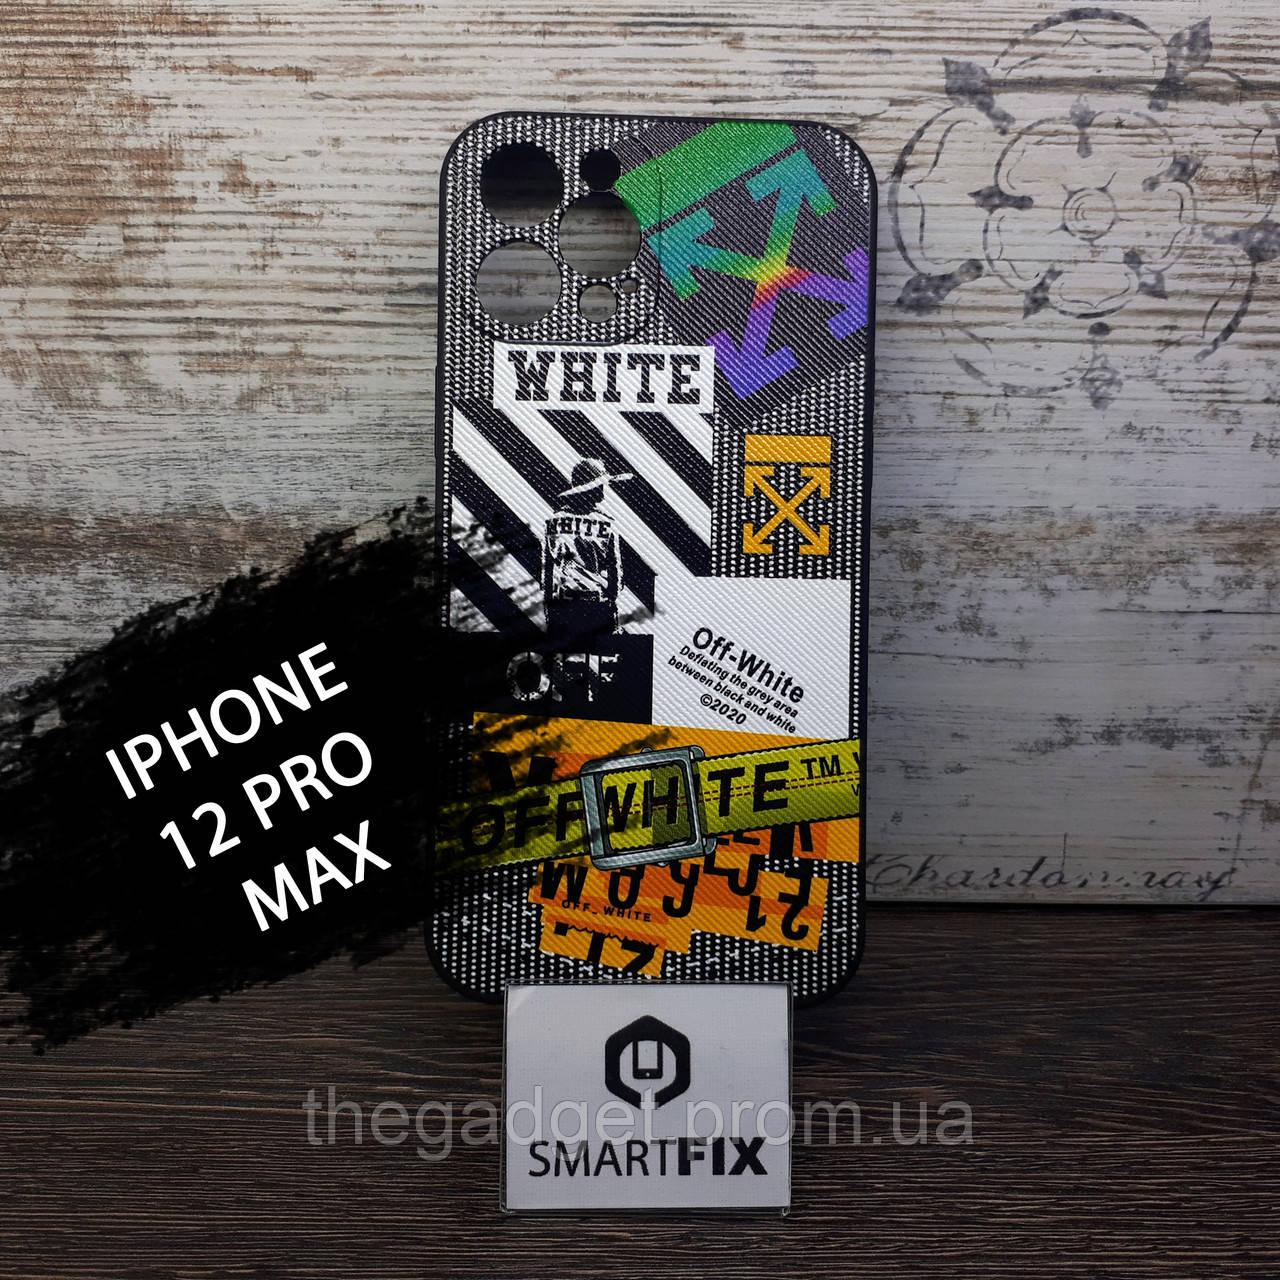 Силіконовий чохол з малюнком для iPhone 11 Pro Max IMD Case дизайн №3